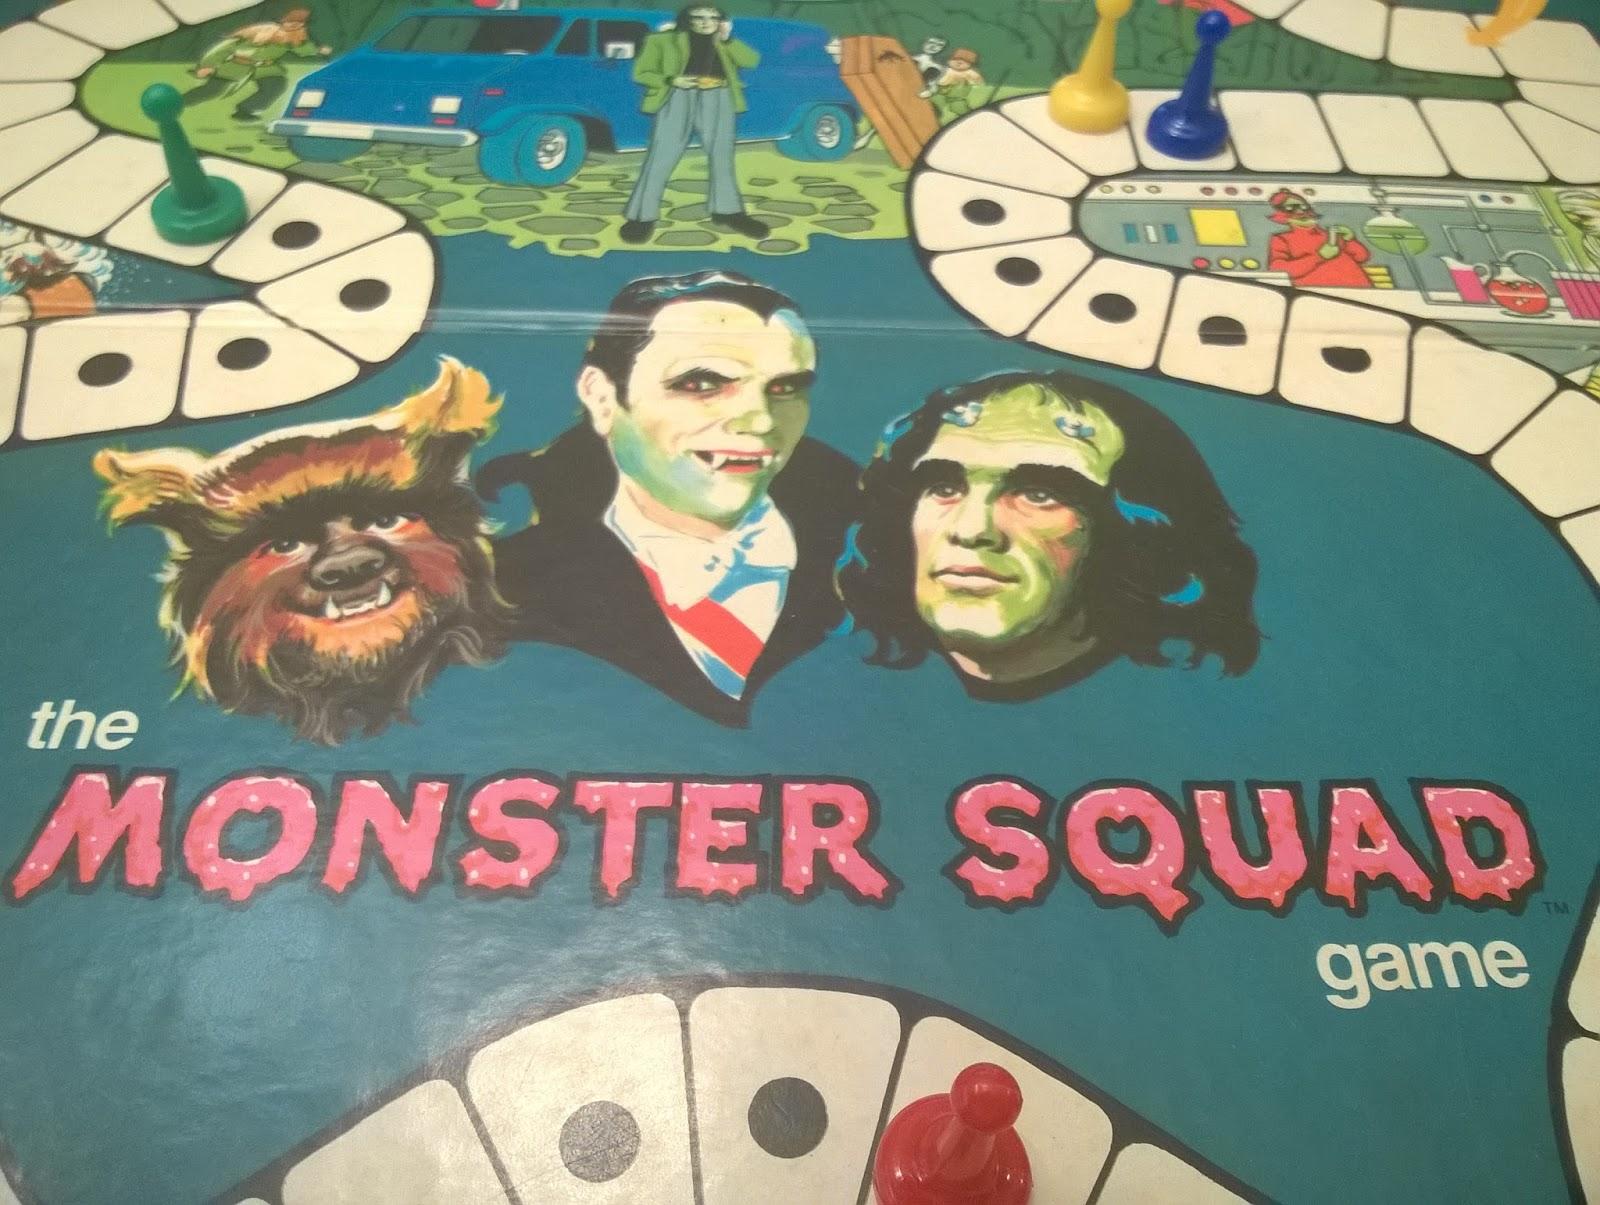 monster squad game